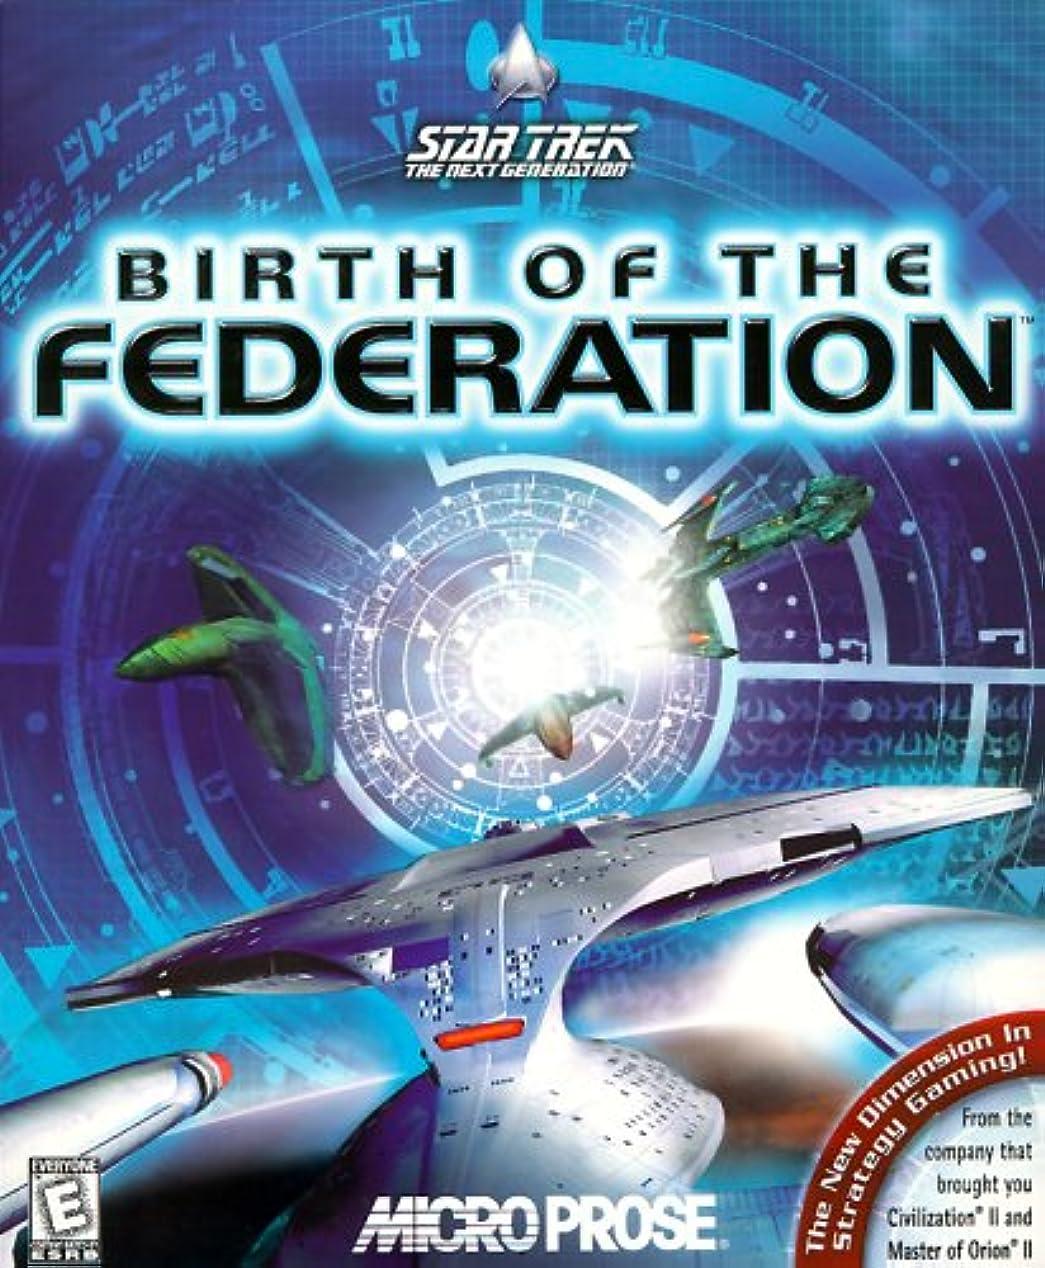 パン屋馬鹿げた主権者Star Trek: The Next Generation, Birth of the Federation (輸入版)